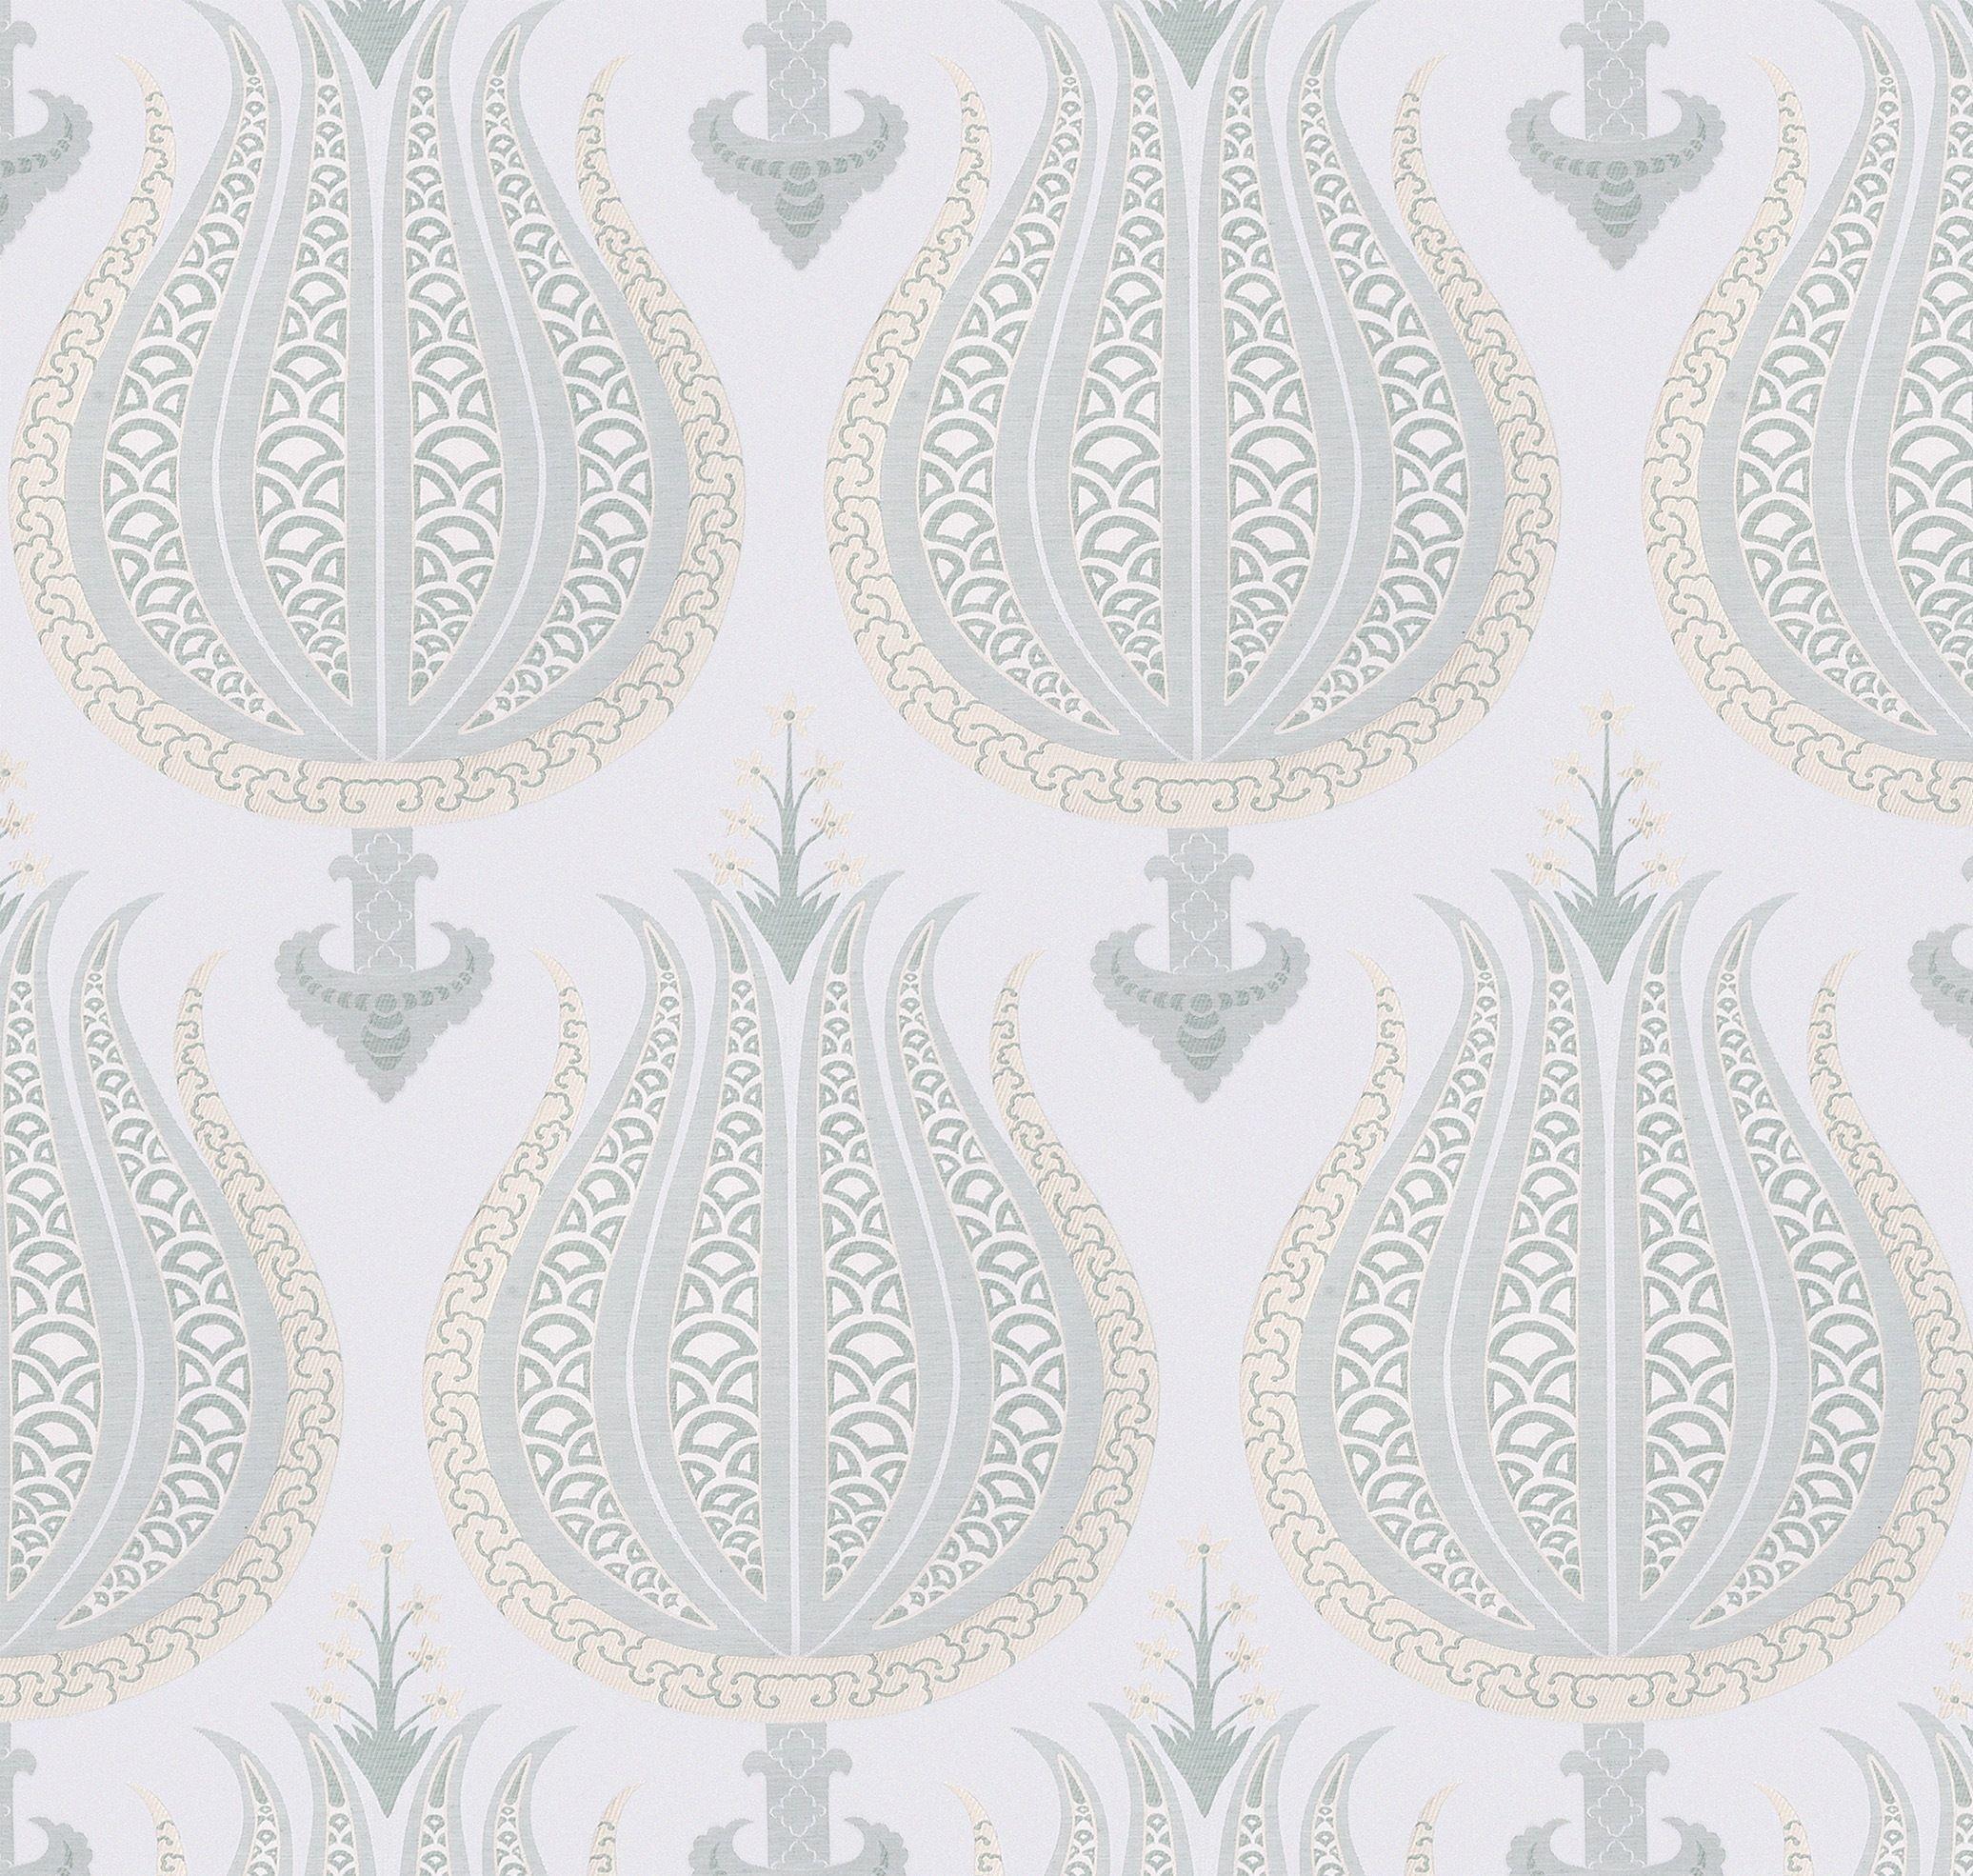 Aleria fabric in aqua. AnnaFrench Thibaut Anna